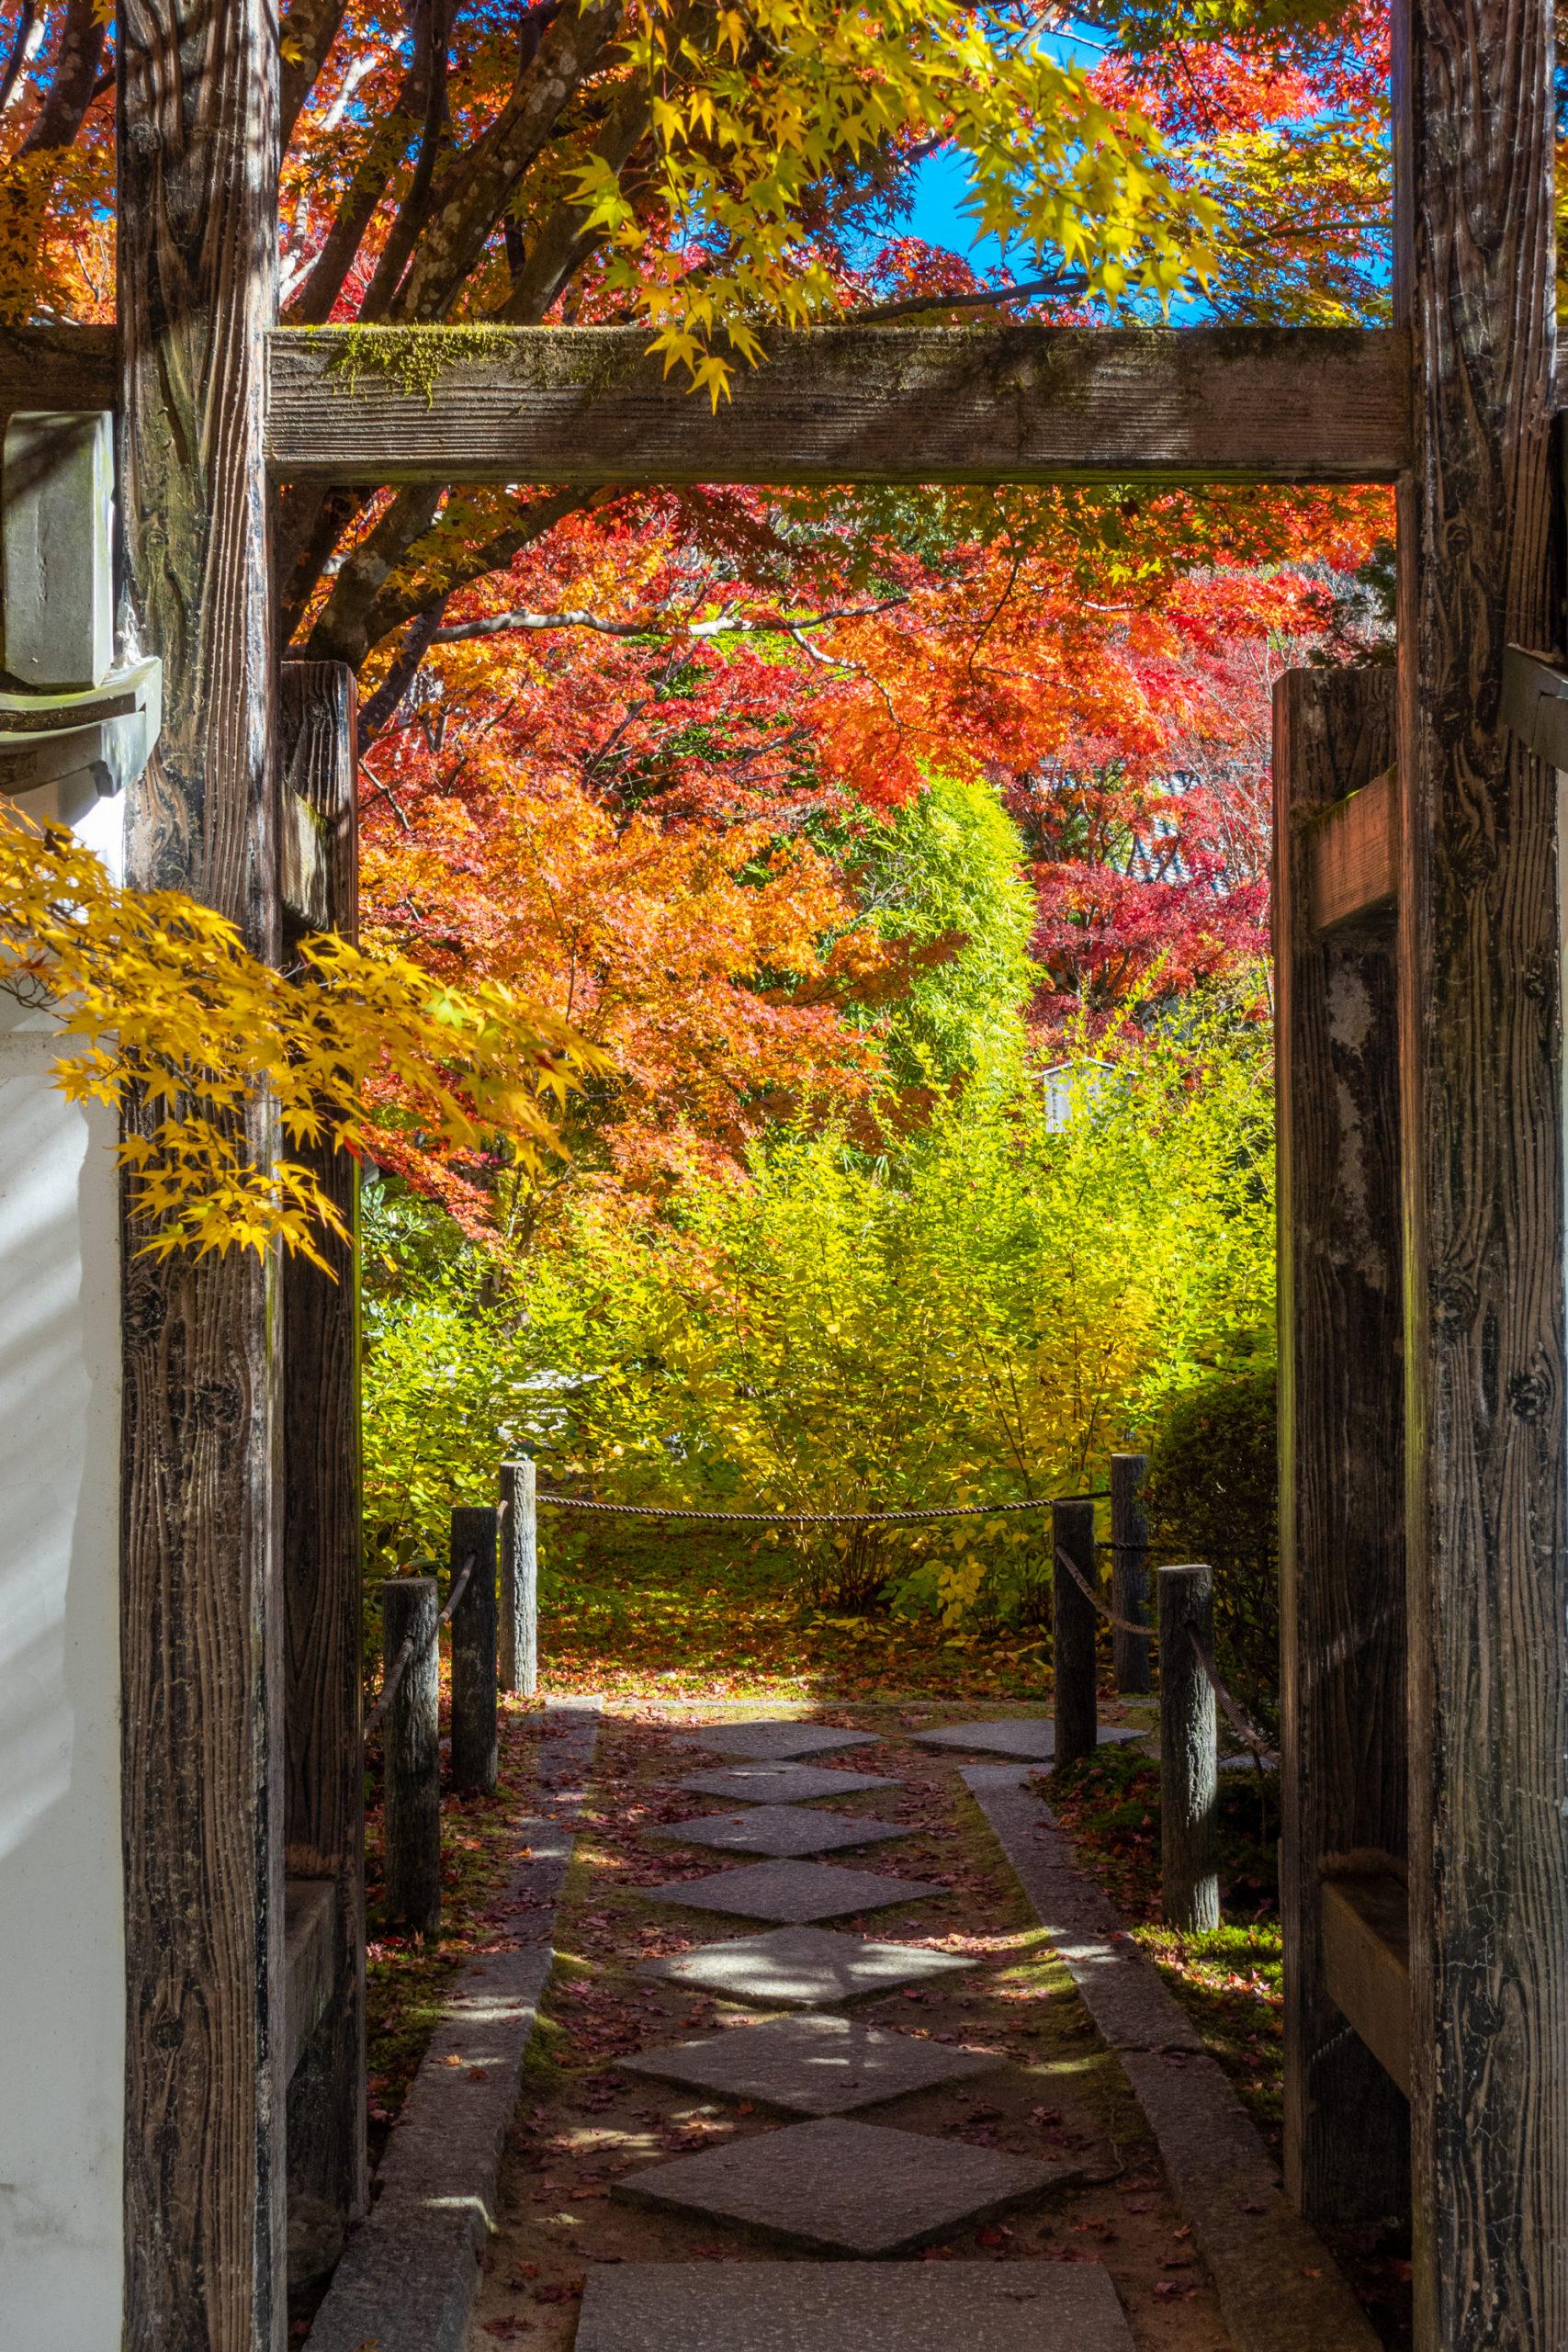 DSC00604-scaled 京都  天授庵(紅葉の美しい庭園が見所な秋におすすめのスポット!撮影した写真の紹介、アクセス情報など)